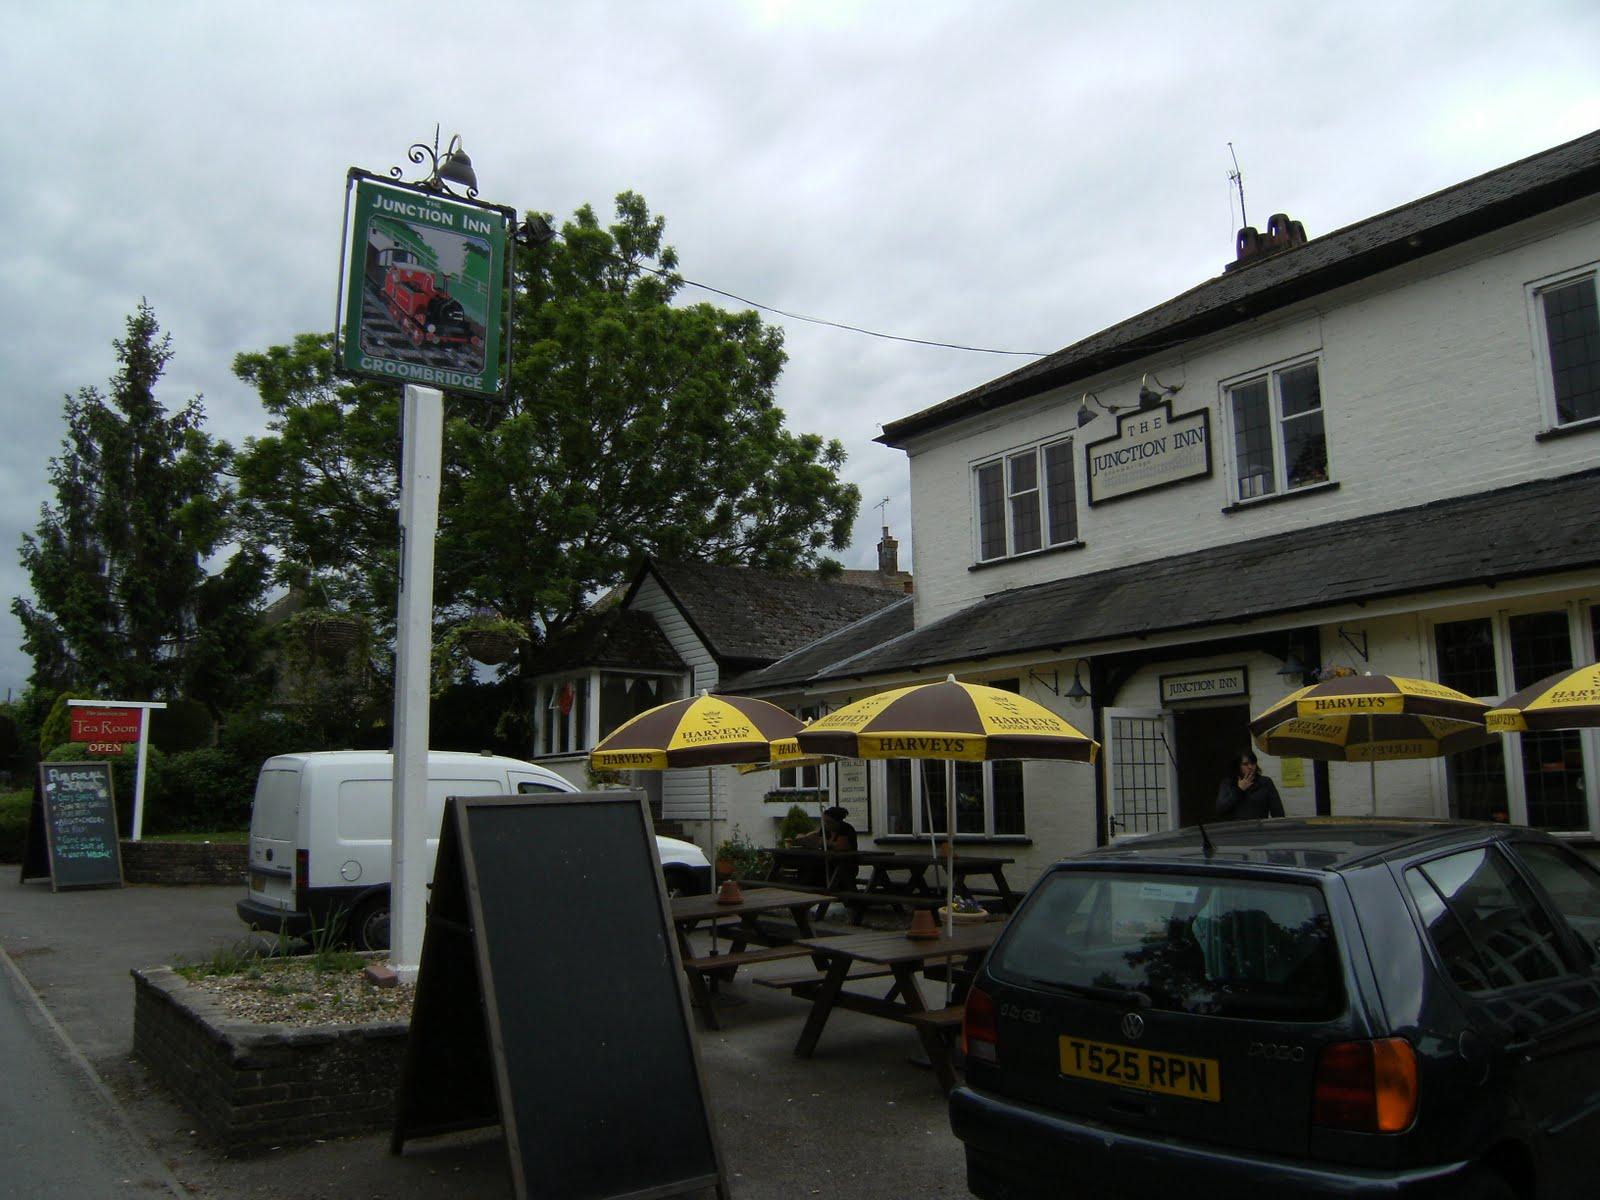 DSCF7907 Junction Inn, Groombridge